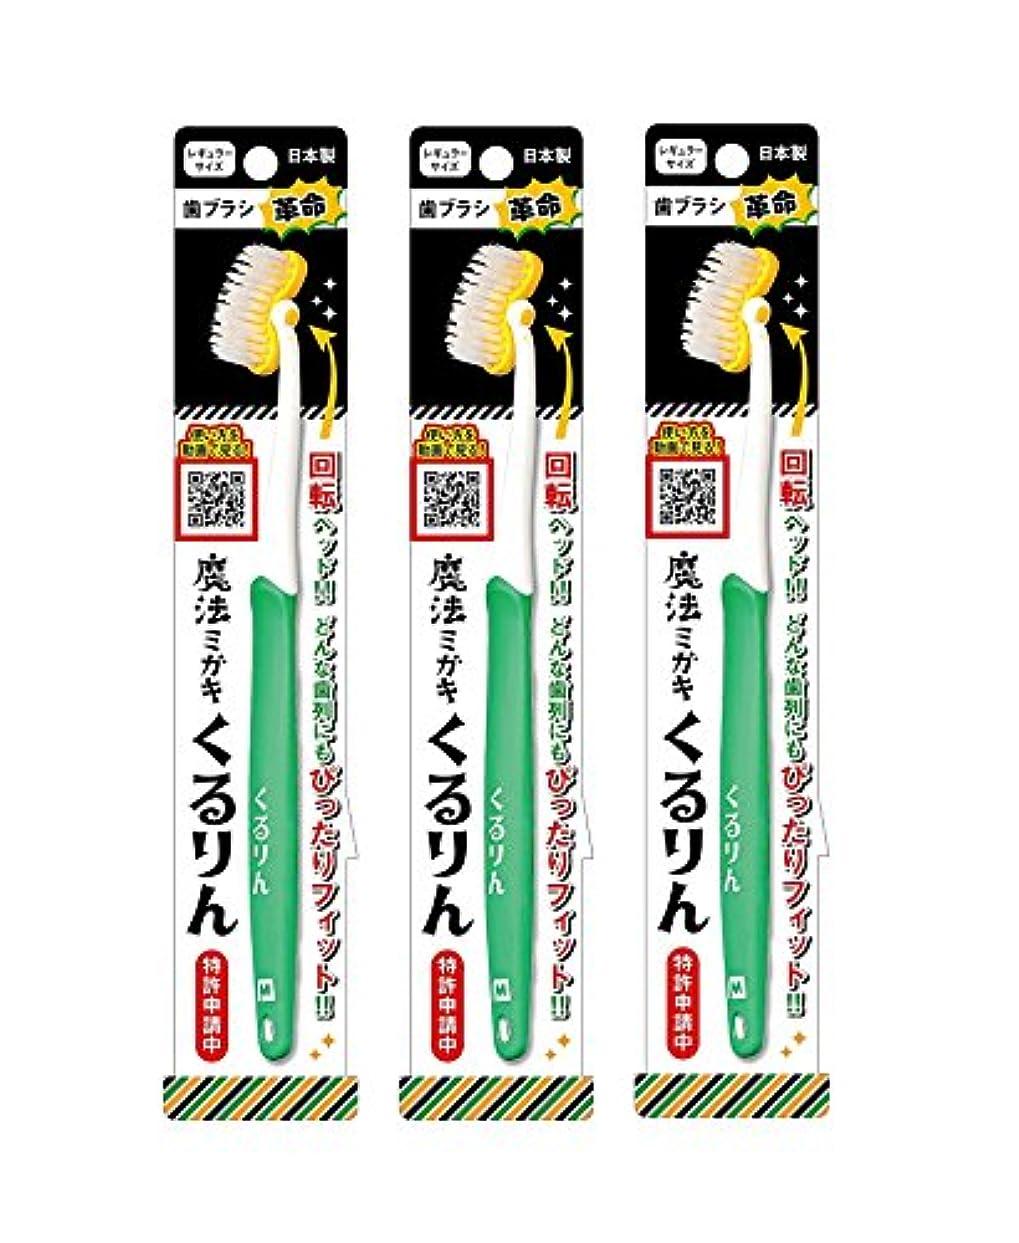 ヒューマニスティックママパドル歯ブラシ革命 魔法ミガキくるりん MM-151 グリーン 3本セット